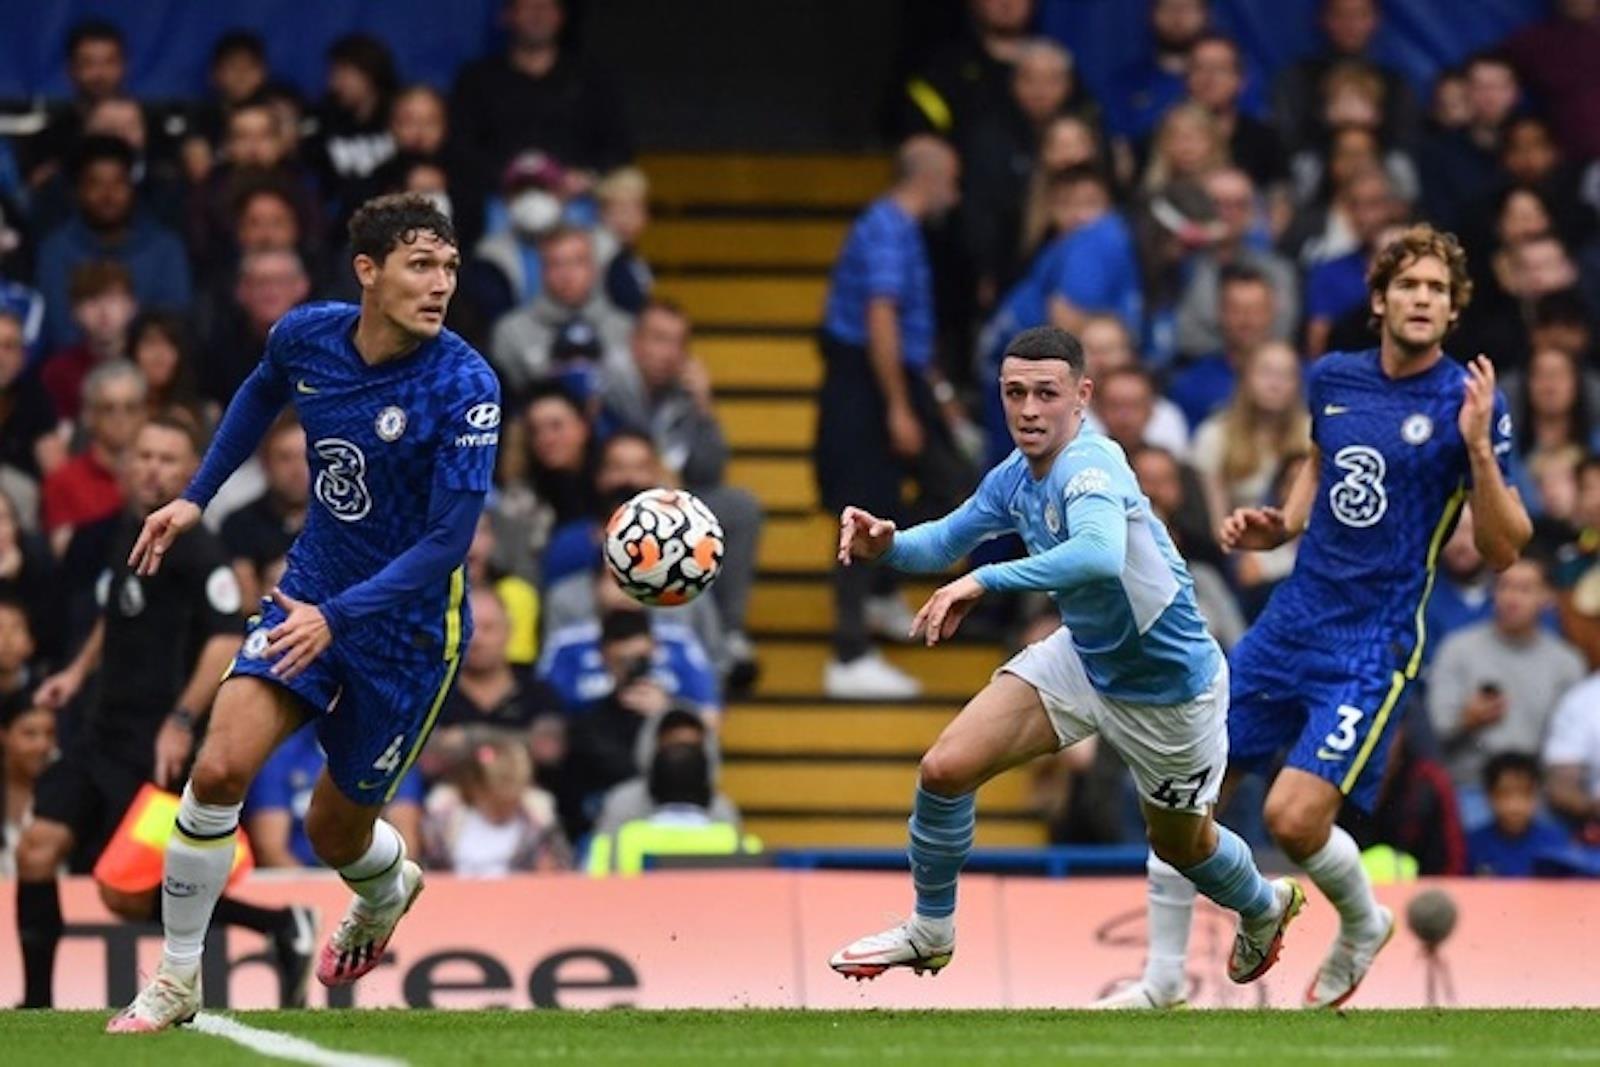 Thua Man City, Chelsea mất ngôi đầu Ngoại hạng Anh - 2